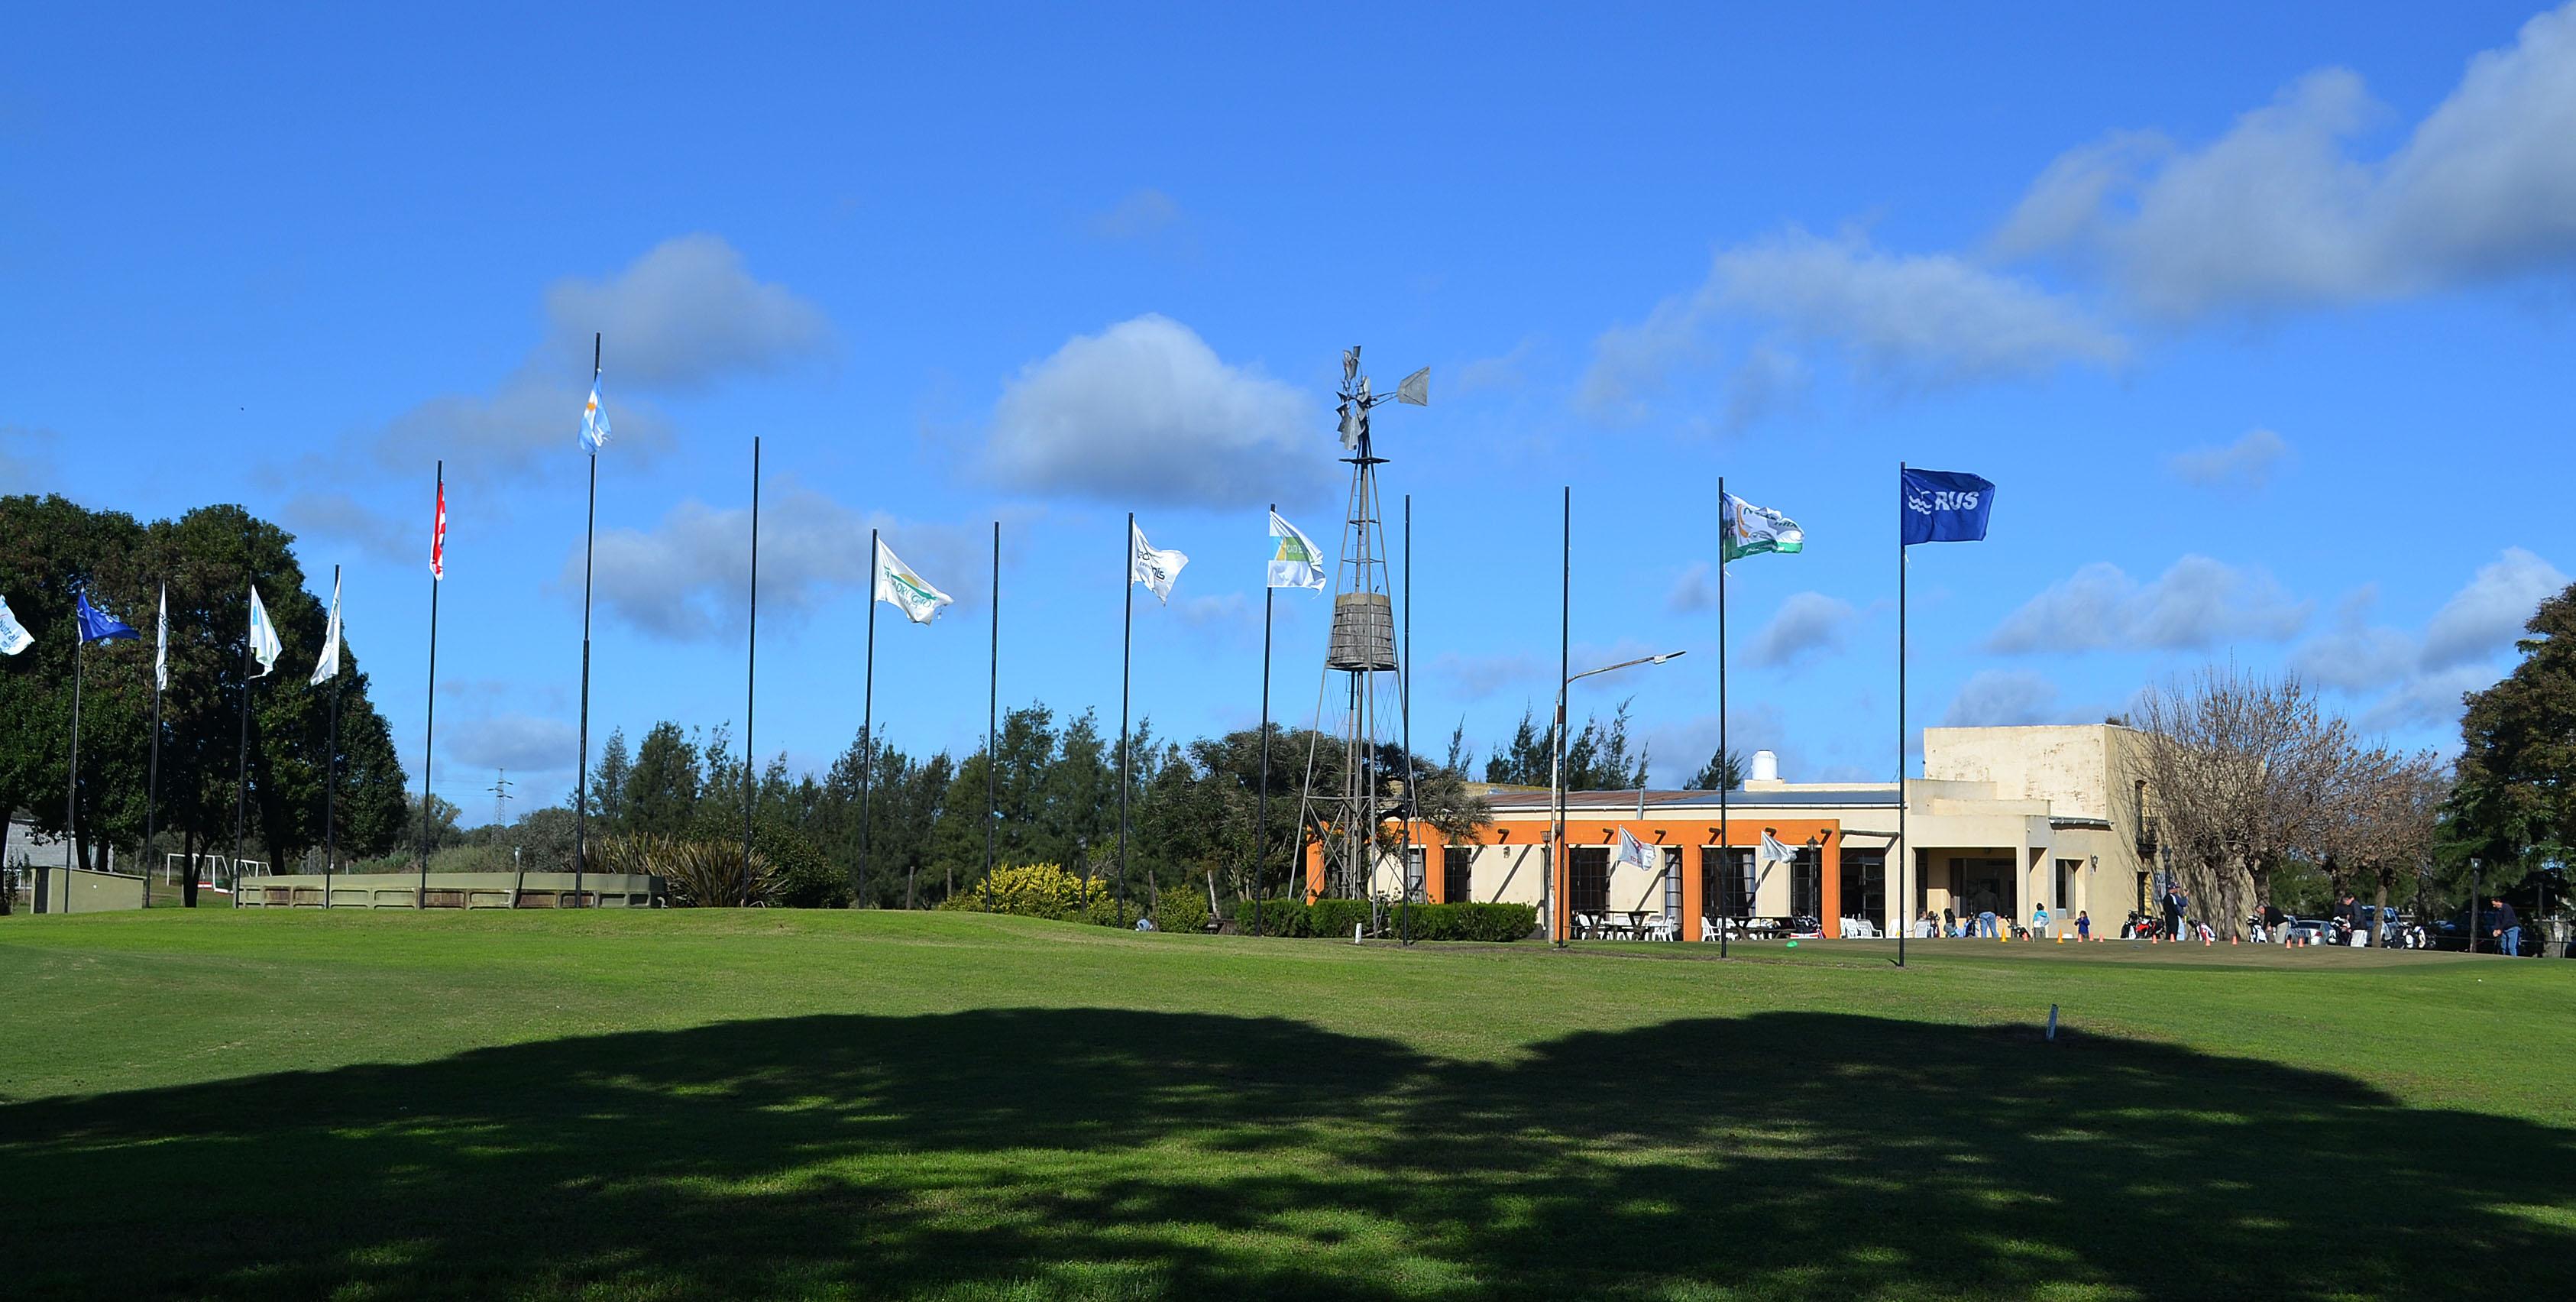 Gran jornada se vivio en el Golf Club Atlético9 de Julio en su 24° a